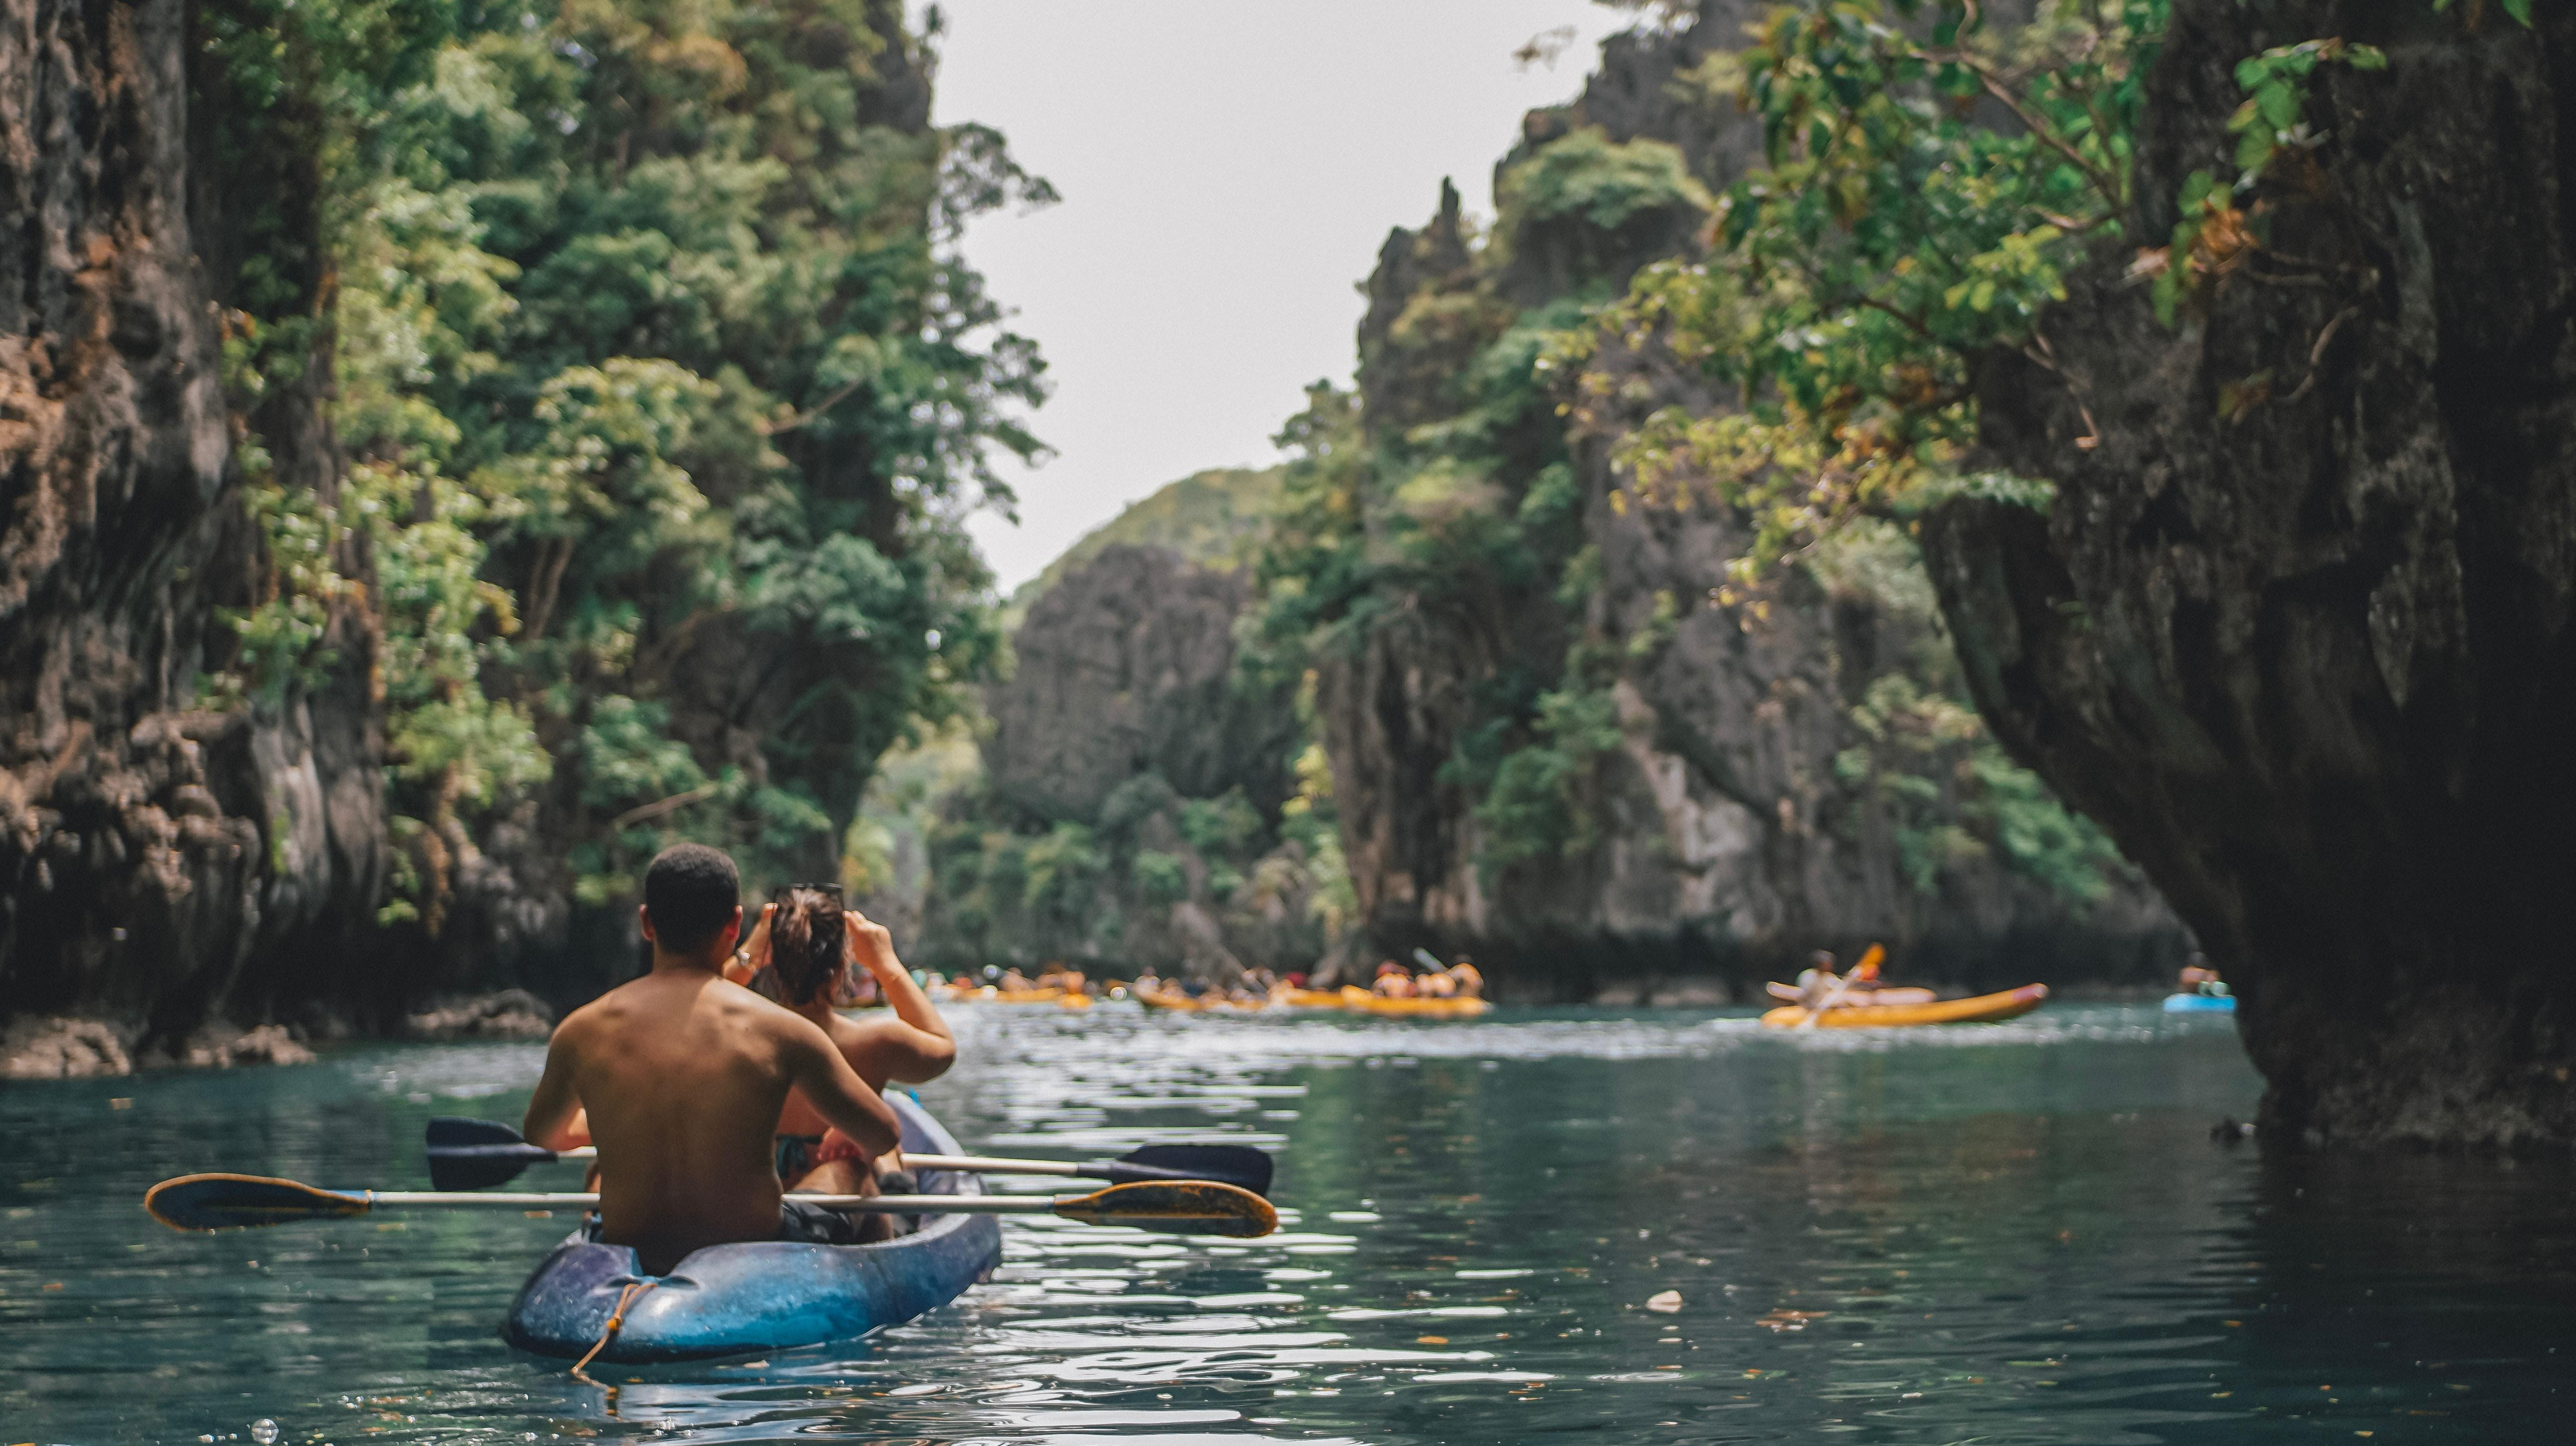 El Nido Palawan Kayak